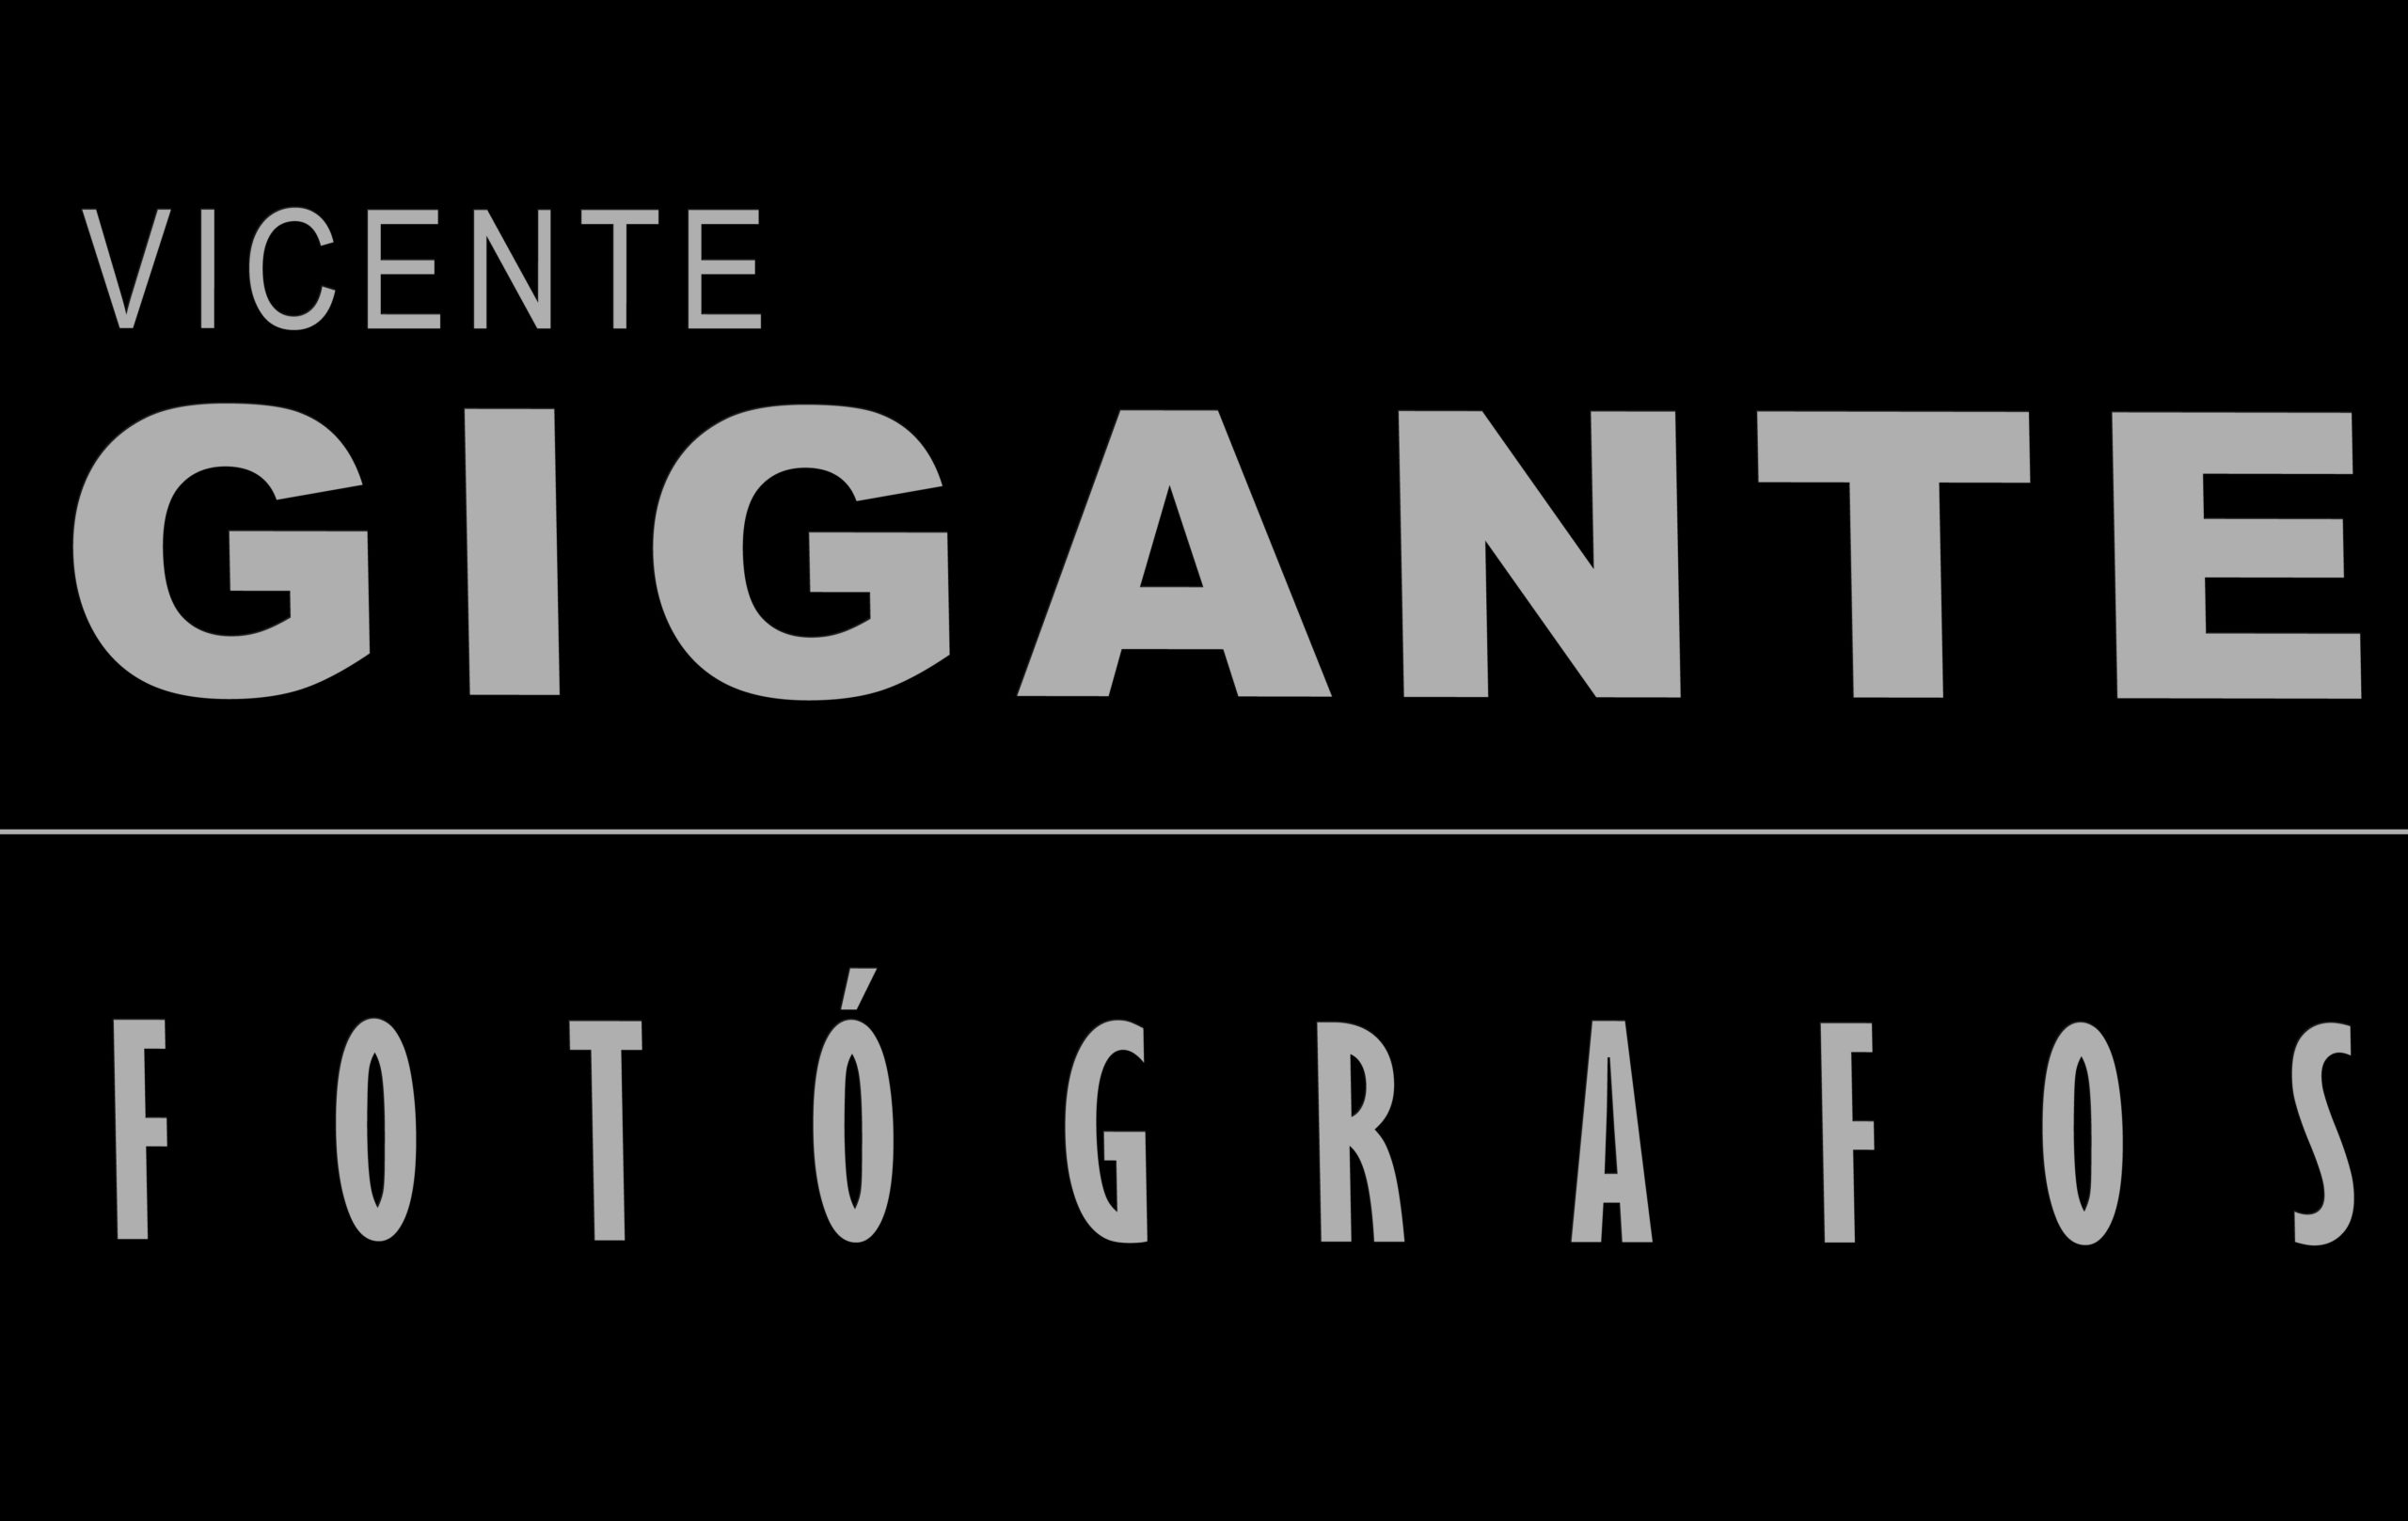 GIGANTE-FOTOGRAFO